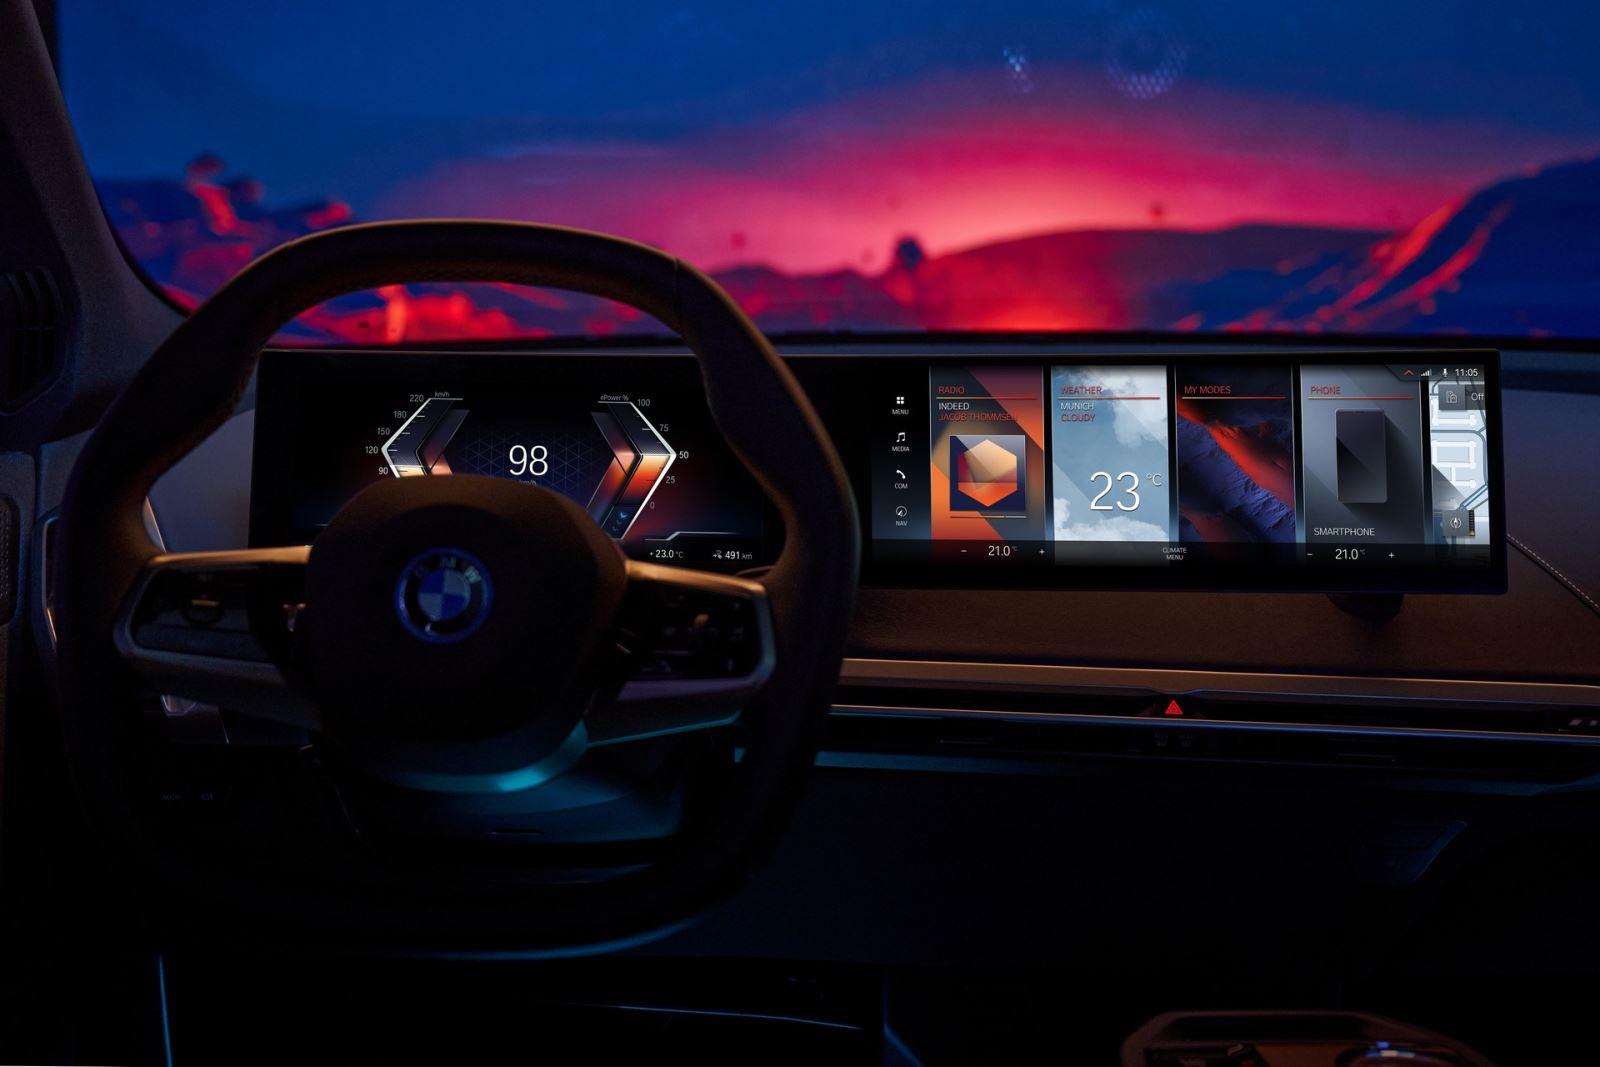 Tìm hiểu hệ thống IDrive trên BMW xem có gì đặc biệt